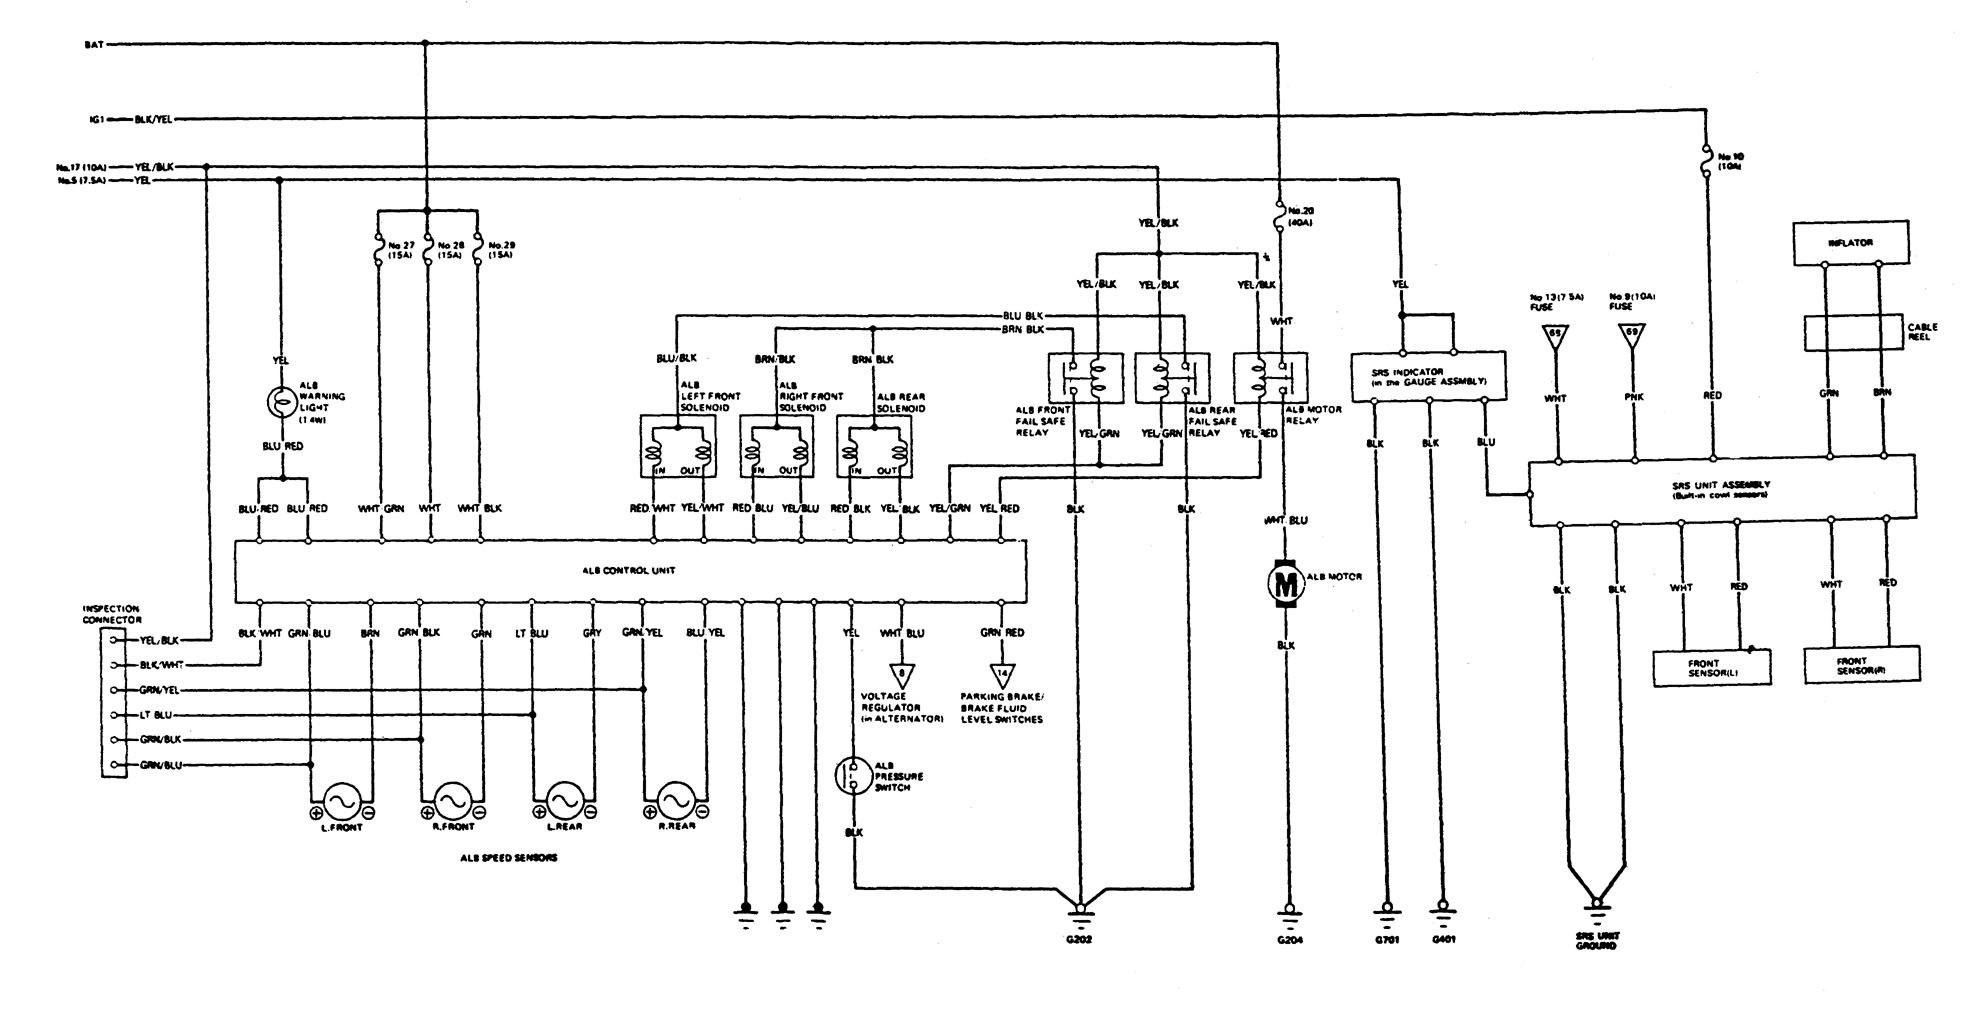 [DIAGRAM_38YU]  Acura Legend (1989) - wiring system - brake control - Carknowledge.info | 1989 Acura Legend Wiring Diagram |  | Carknowledge.info